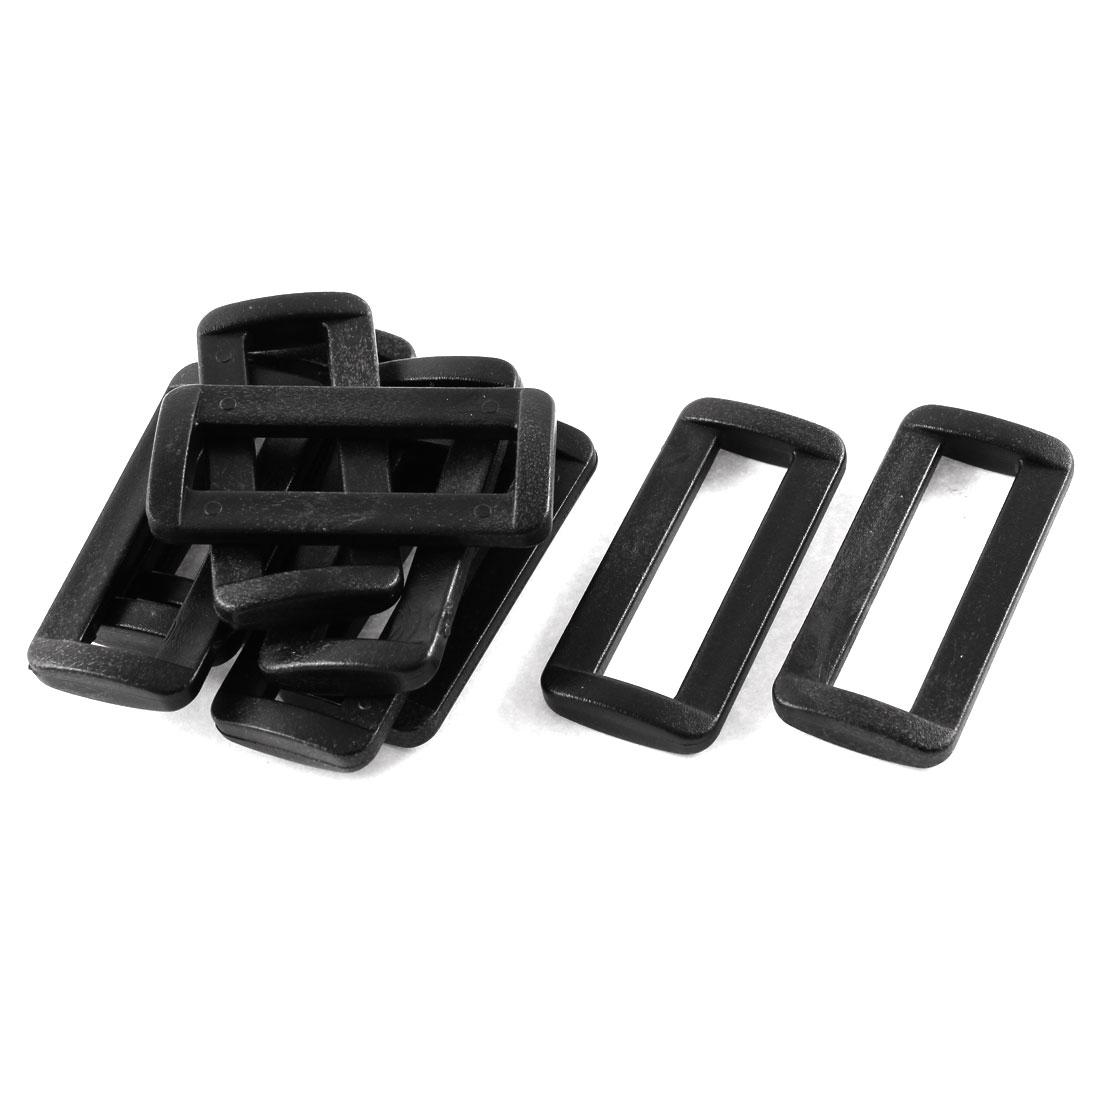 10pcs Black Plastic Bar Slides Buckles for 38mm Webbing Strap